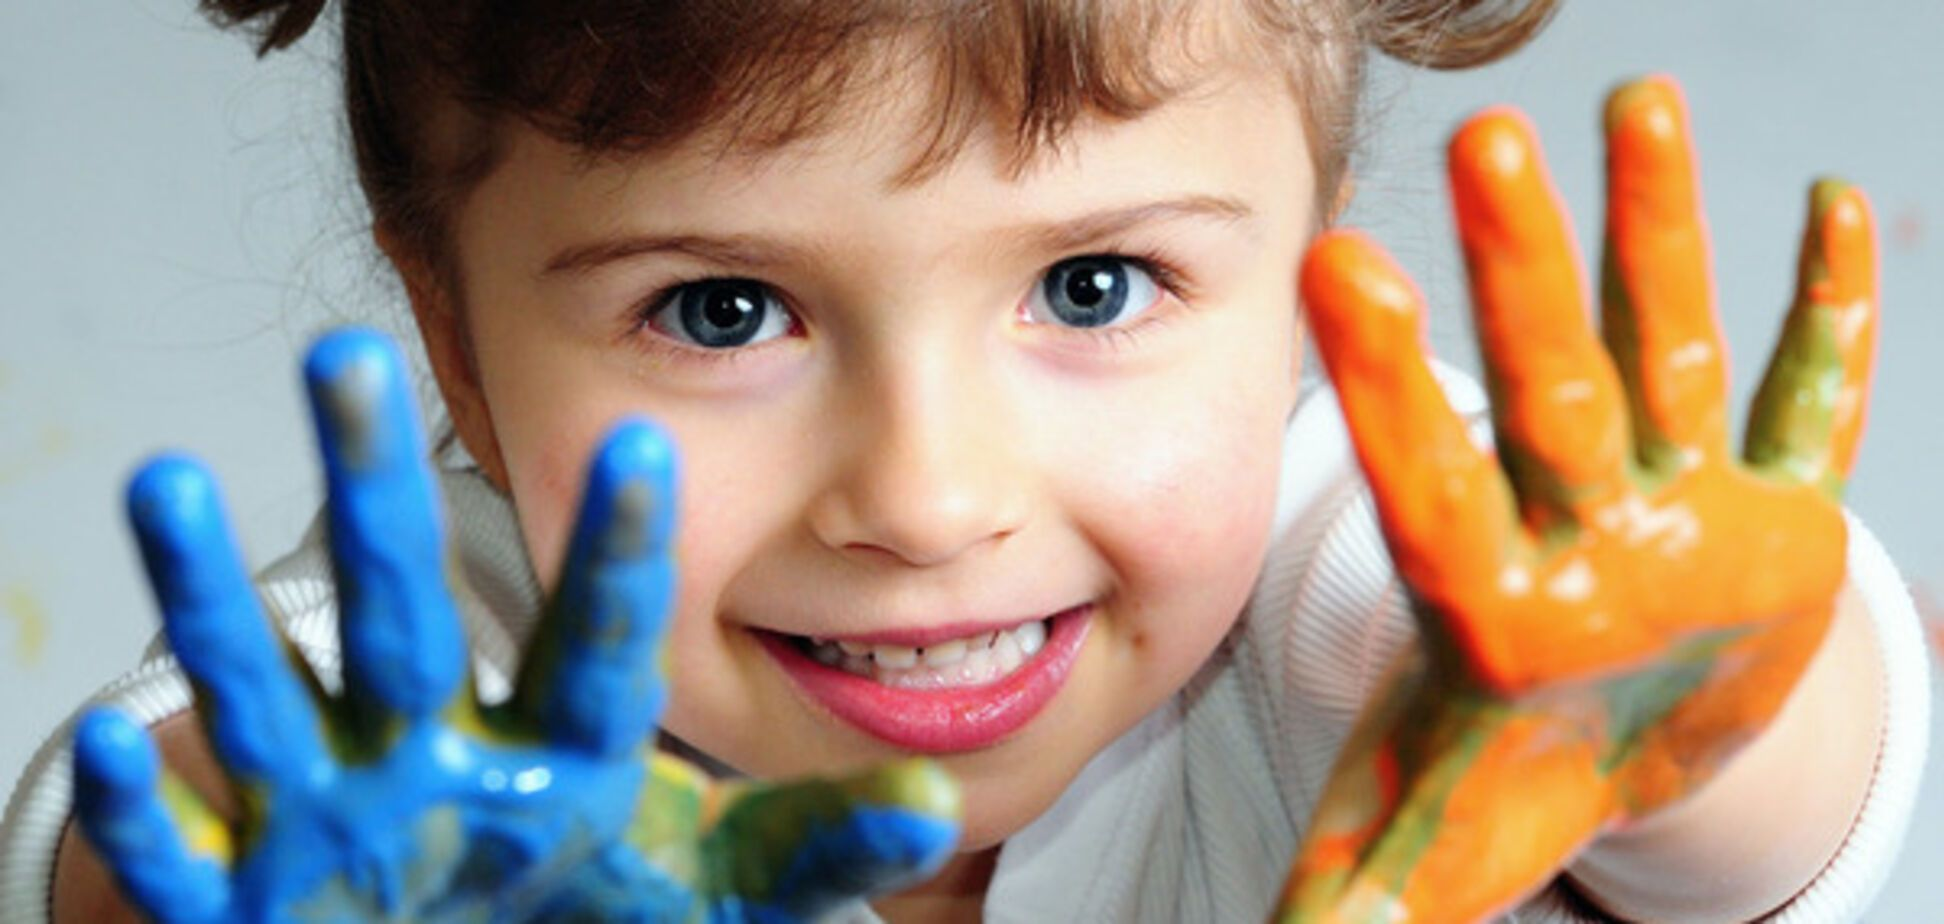 Нормы психического развития ребенка: что важно знать родителям